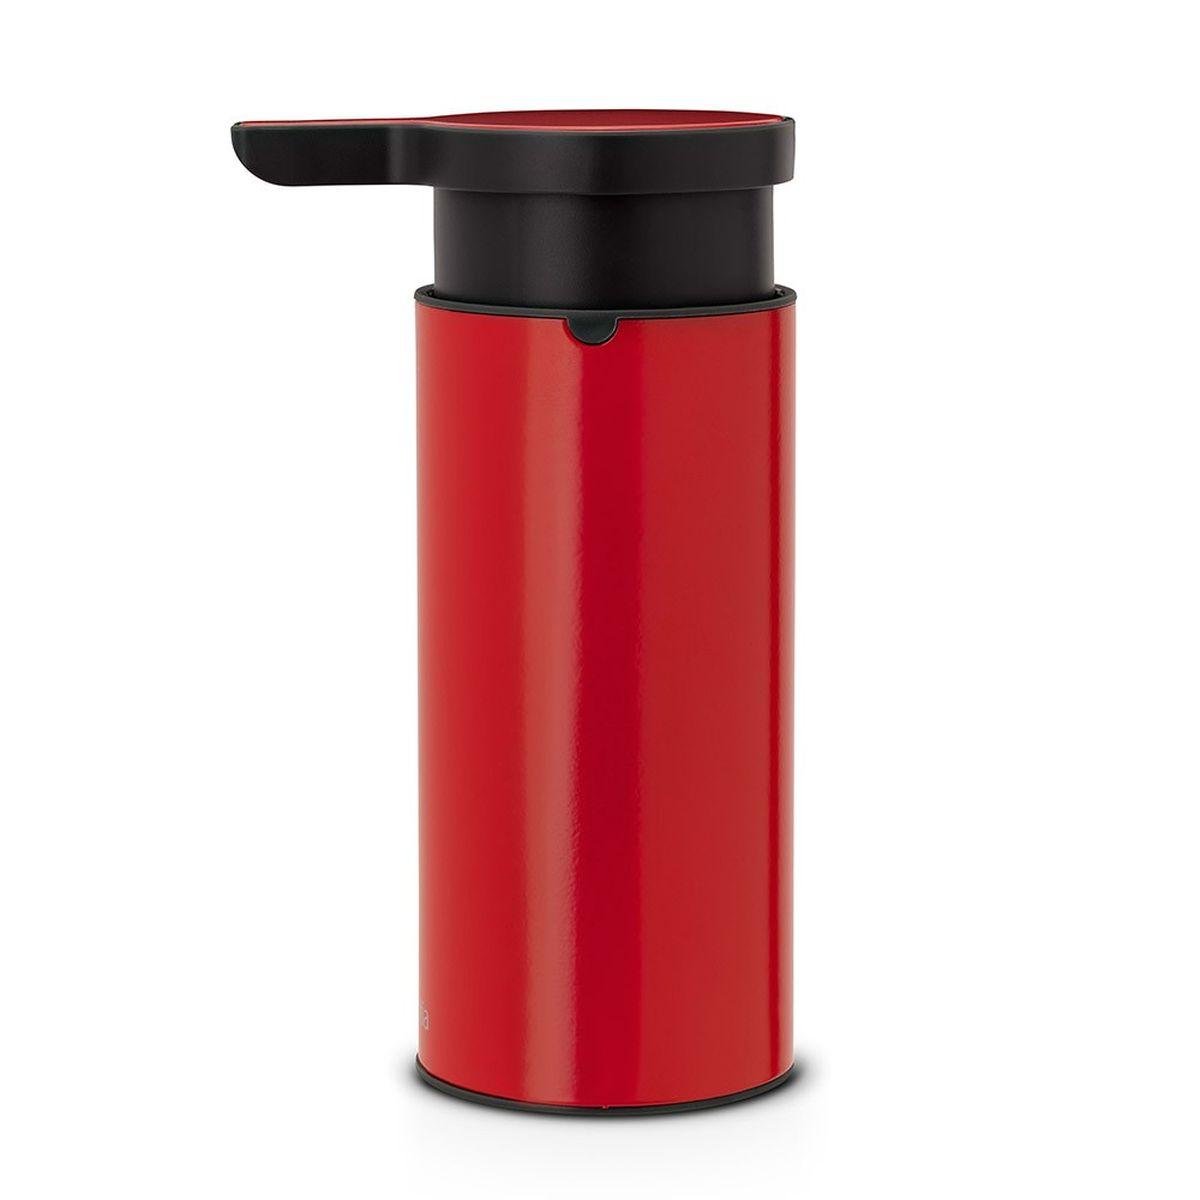 Диспенсер для жидкого мыла Brabantia, цвет: красный106989Стильный аксессуар из коррозионно-стойких материалов по достоинству оценят те, кого заботят вопросы гигиены, и те, для кого важны индивидуальность стиля и красивый дизайн. Красота и функциональность в одном флаконе! И высочайшее качество сверху донизу. Идеальное решение для помещений с повышенной влажностью – изготовлен из коррозионностойких материалов; Удобное наполнение сверху – широкое отверстие для заправки; Может использоваться для шампуней, лосьонов и т.п.; Перед заправкой дозатора заполните емкость горячей водой и проведите очистку насосного механизма, несколько раз прокачав дозатор; Легко разбирается для проведения тщательной очистки; Широкое основание с противоскользящими свойствами обеспечивает отличную устойчивость; 10 лет гарантии Brabantia.